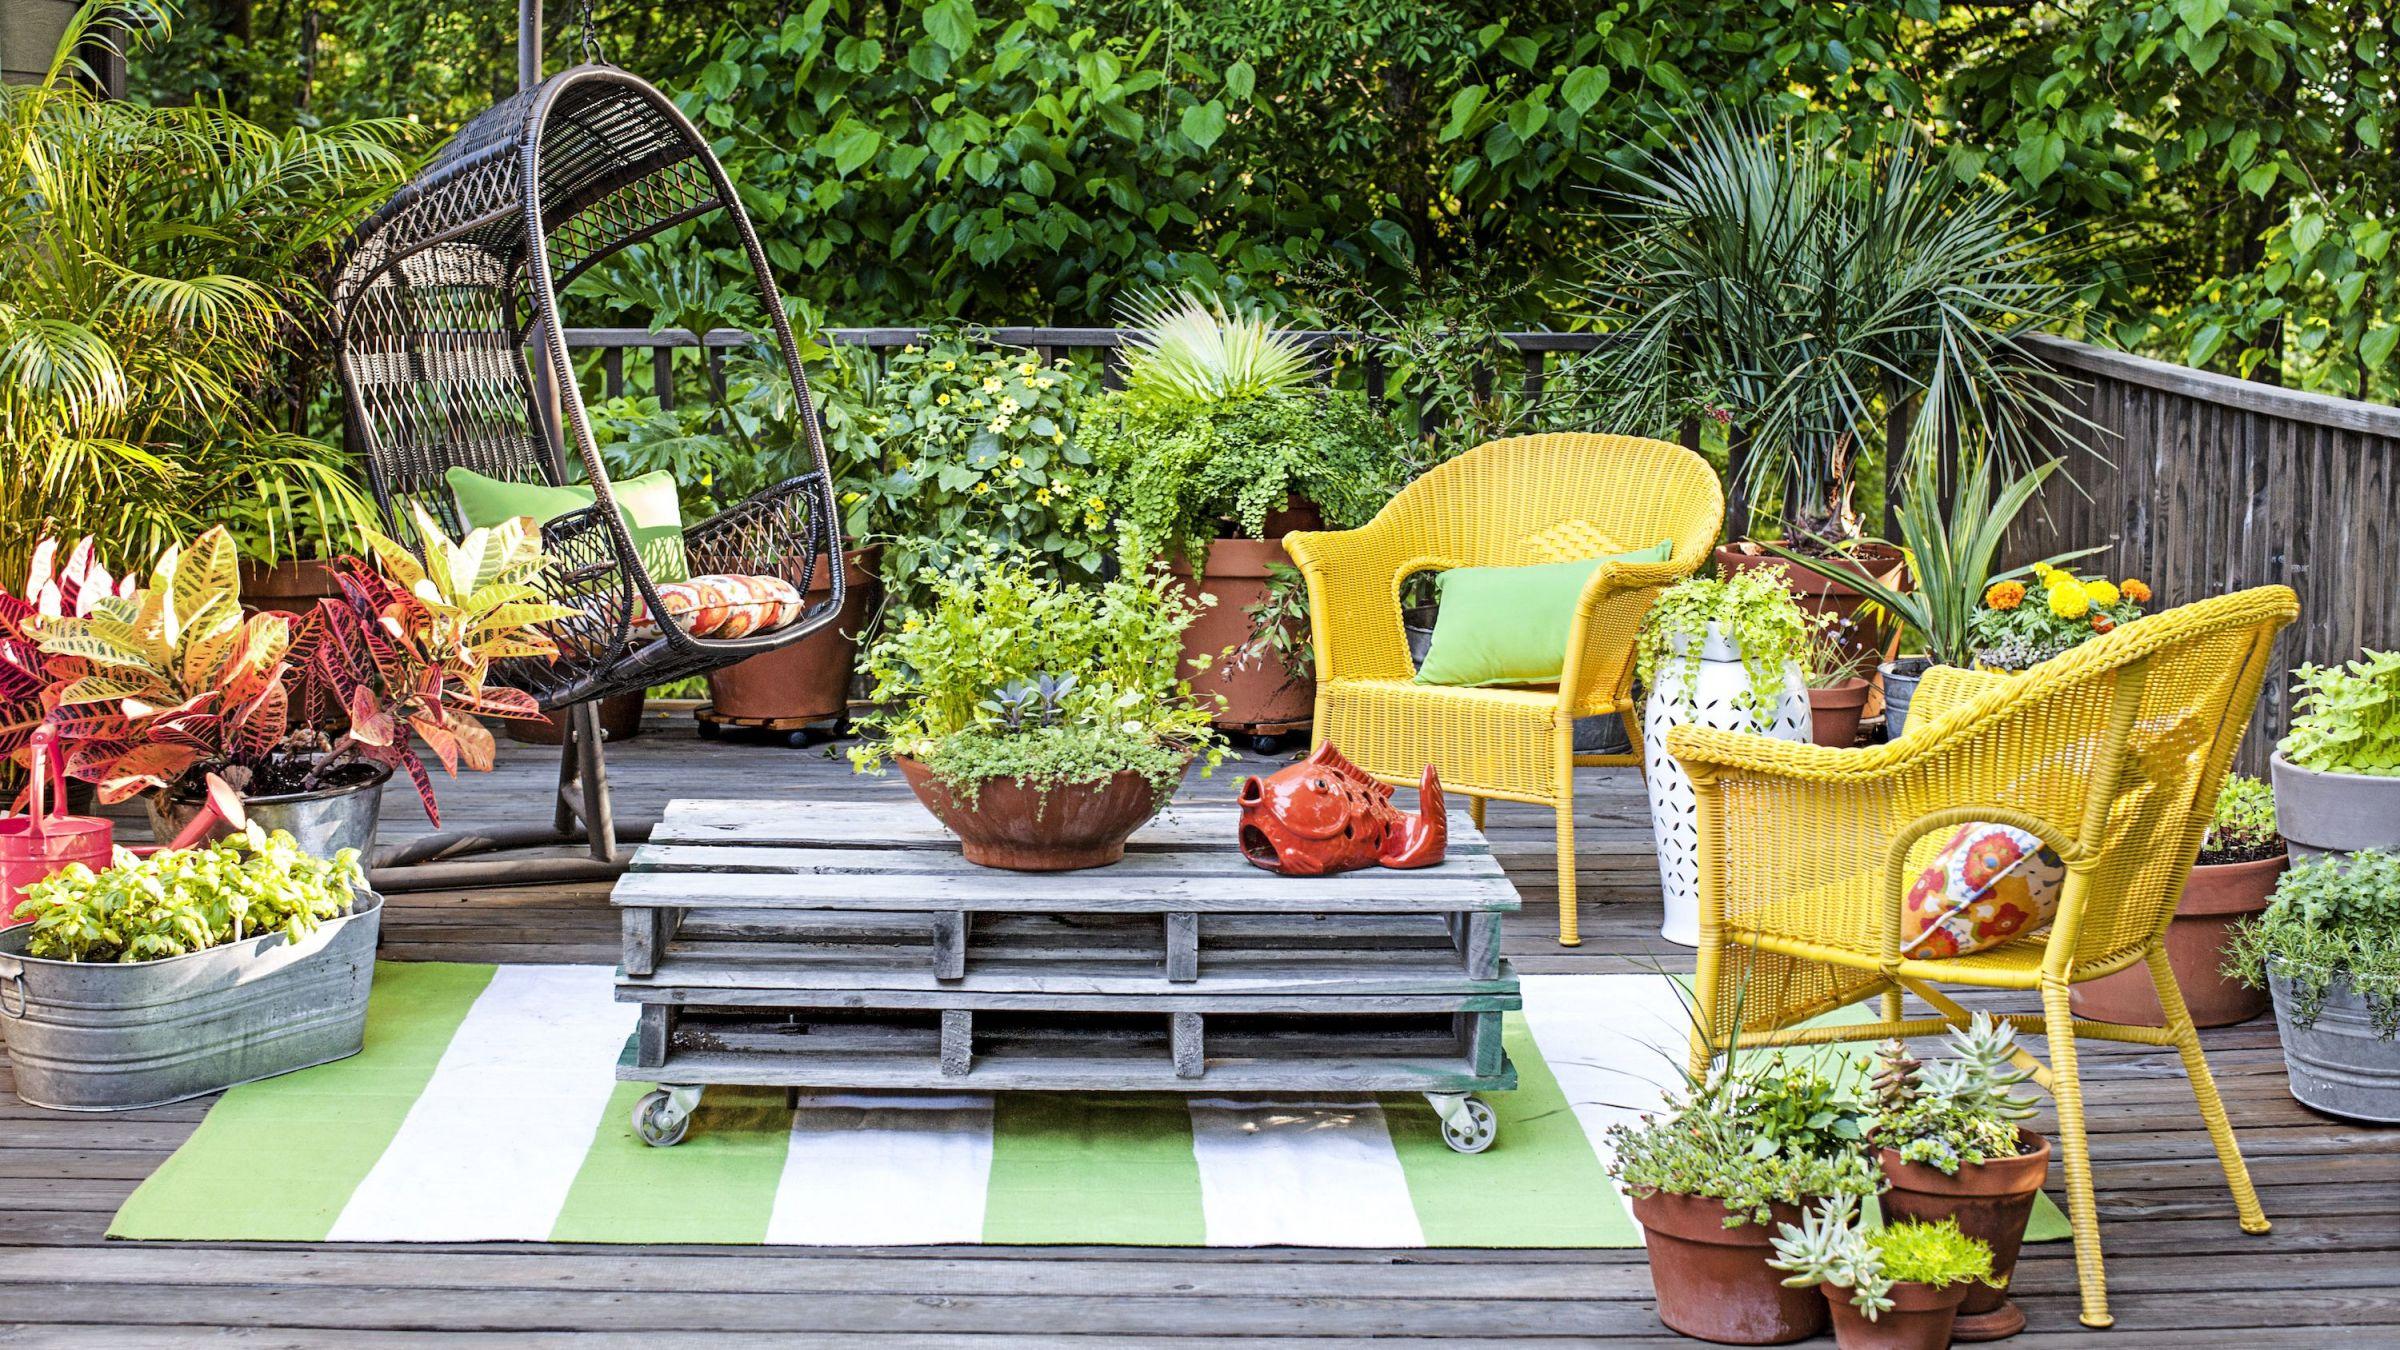 Adorable Small Flower Garden Ideas